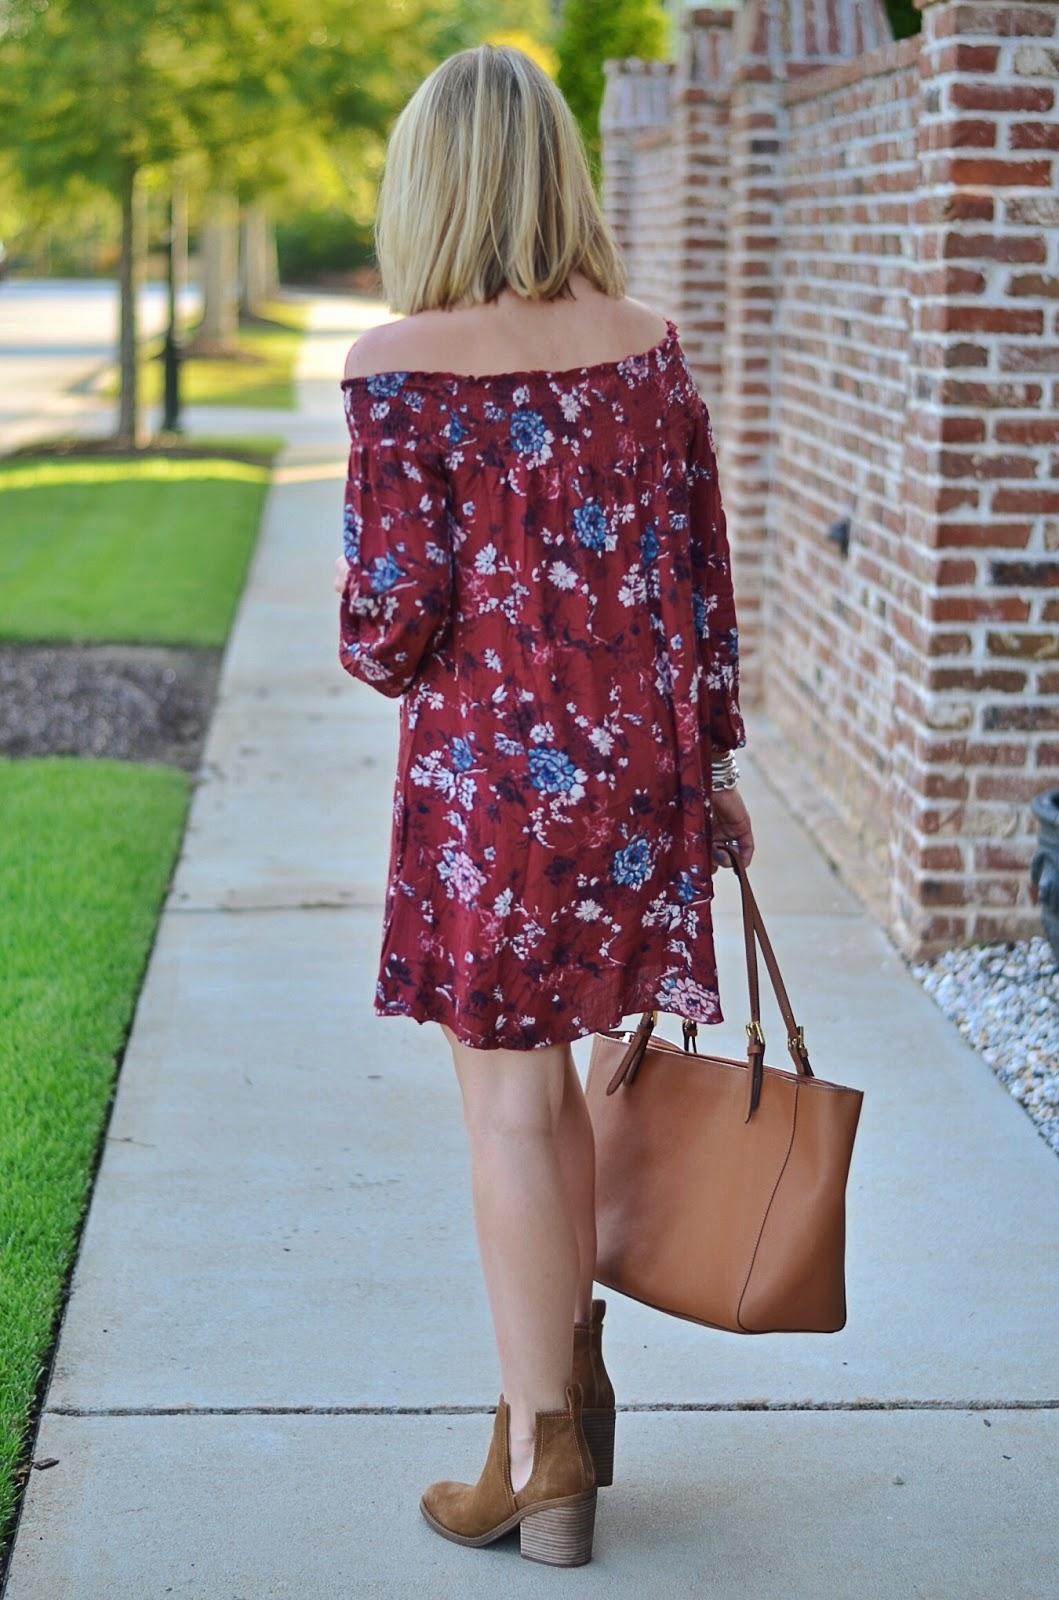 Dress & Booties